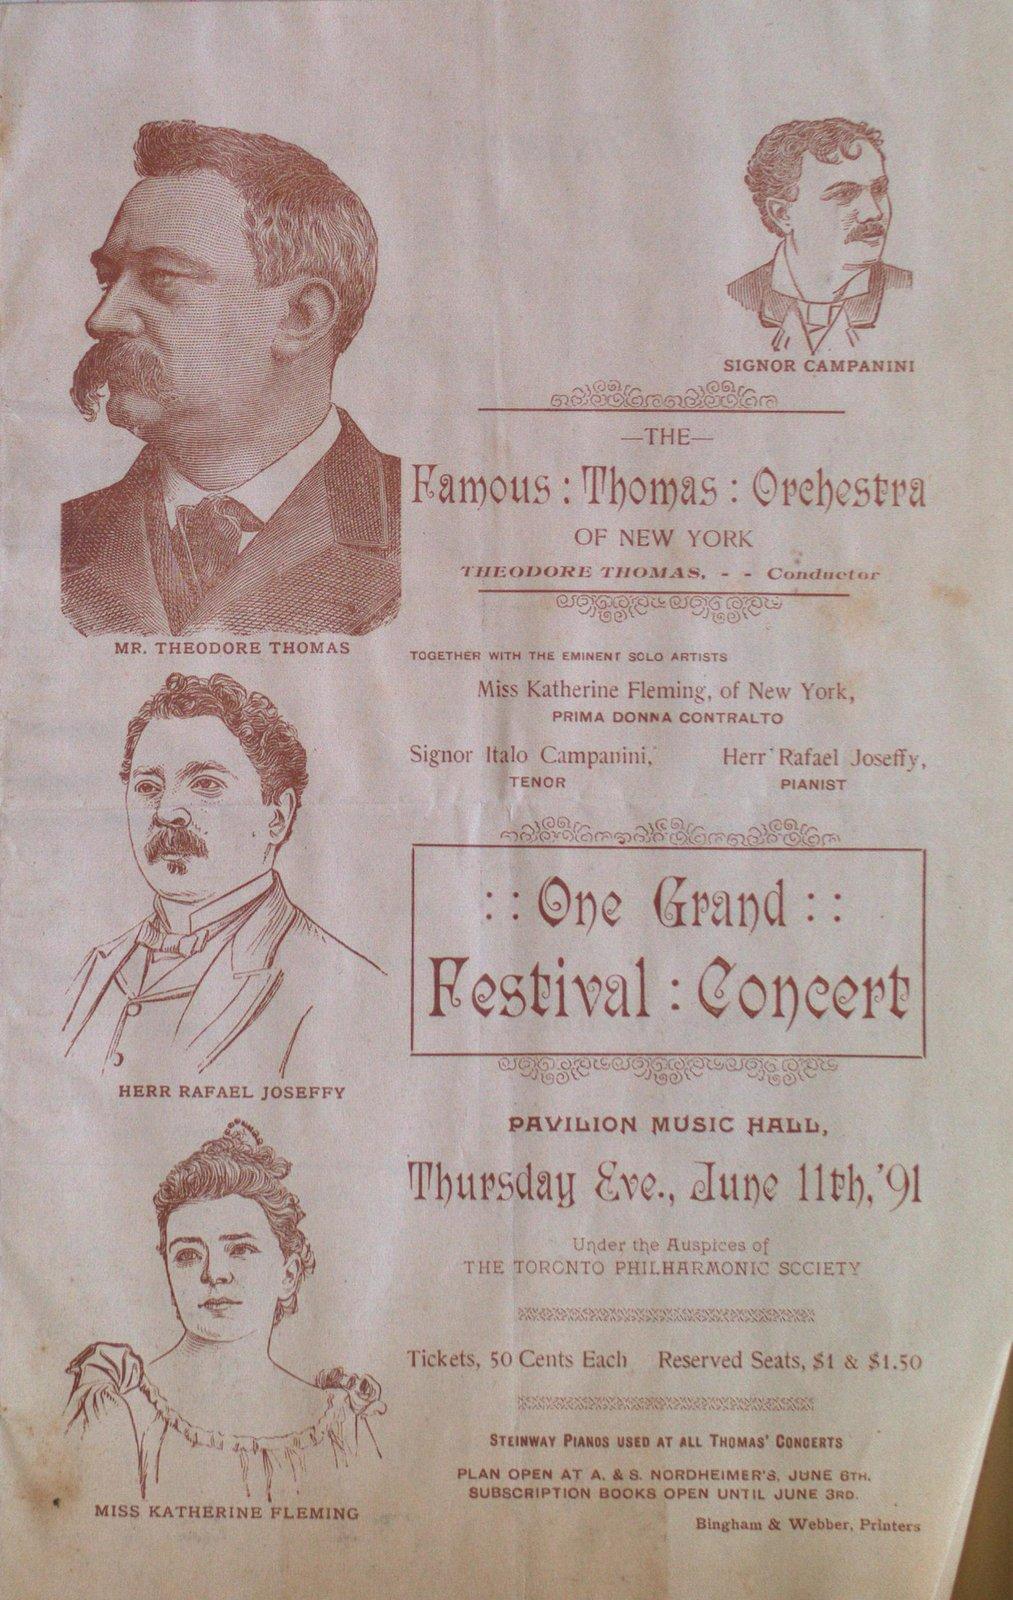 Teresa Vanderburgh's Musical Scrapbook #1 - Concert Program